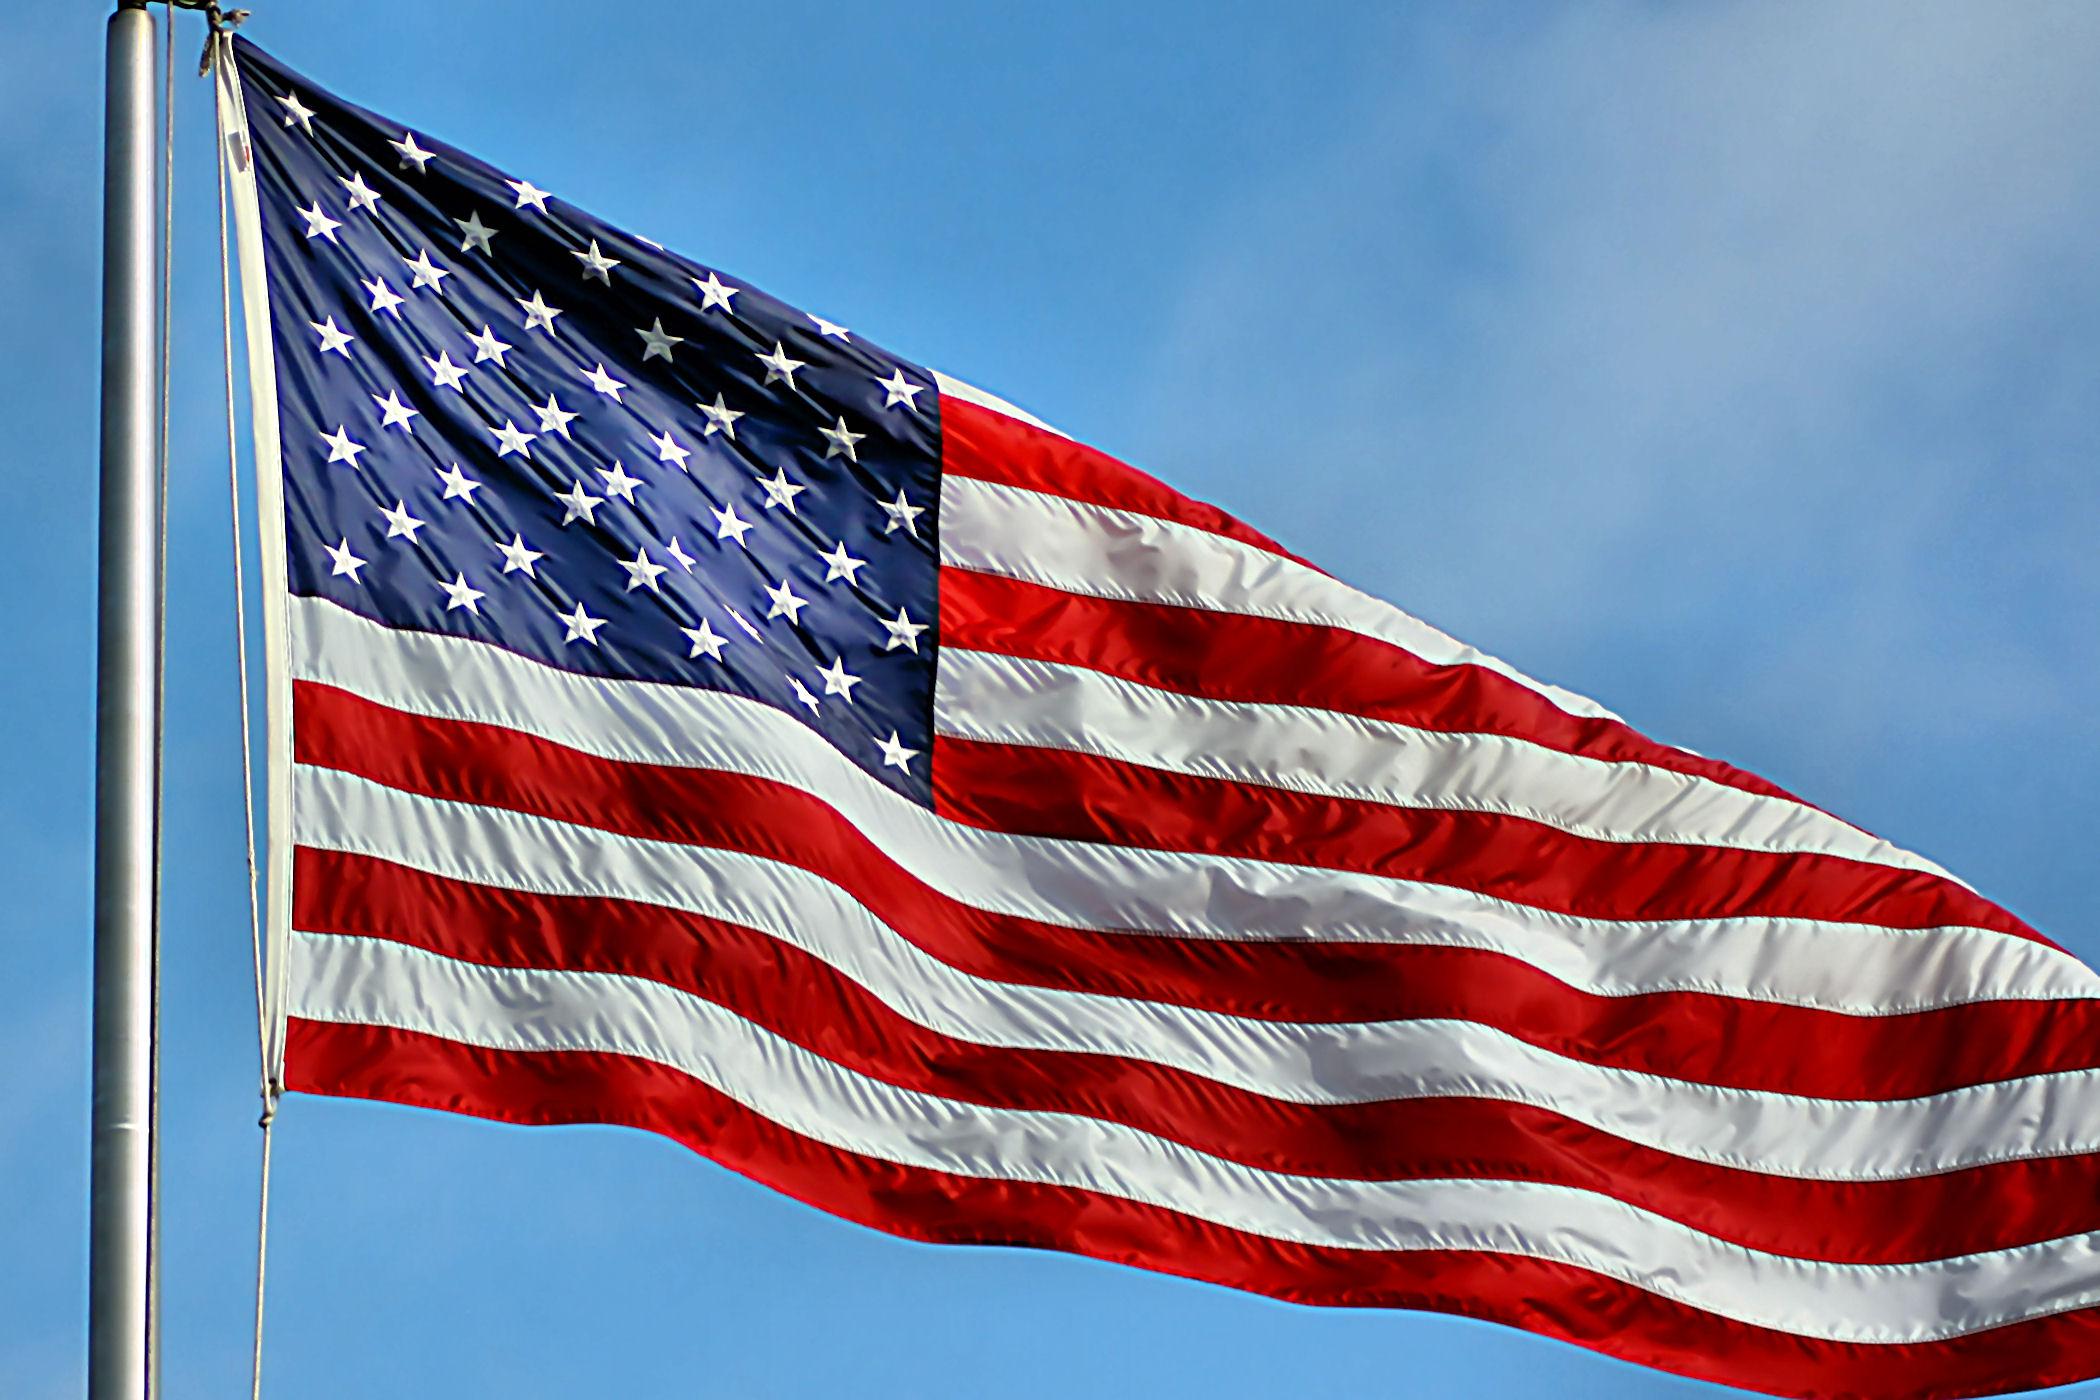 صورة صور علم امريكا , احلي الصور لعلم امريكا